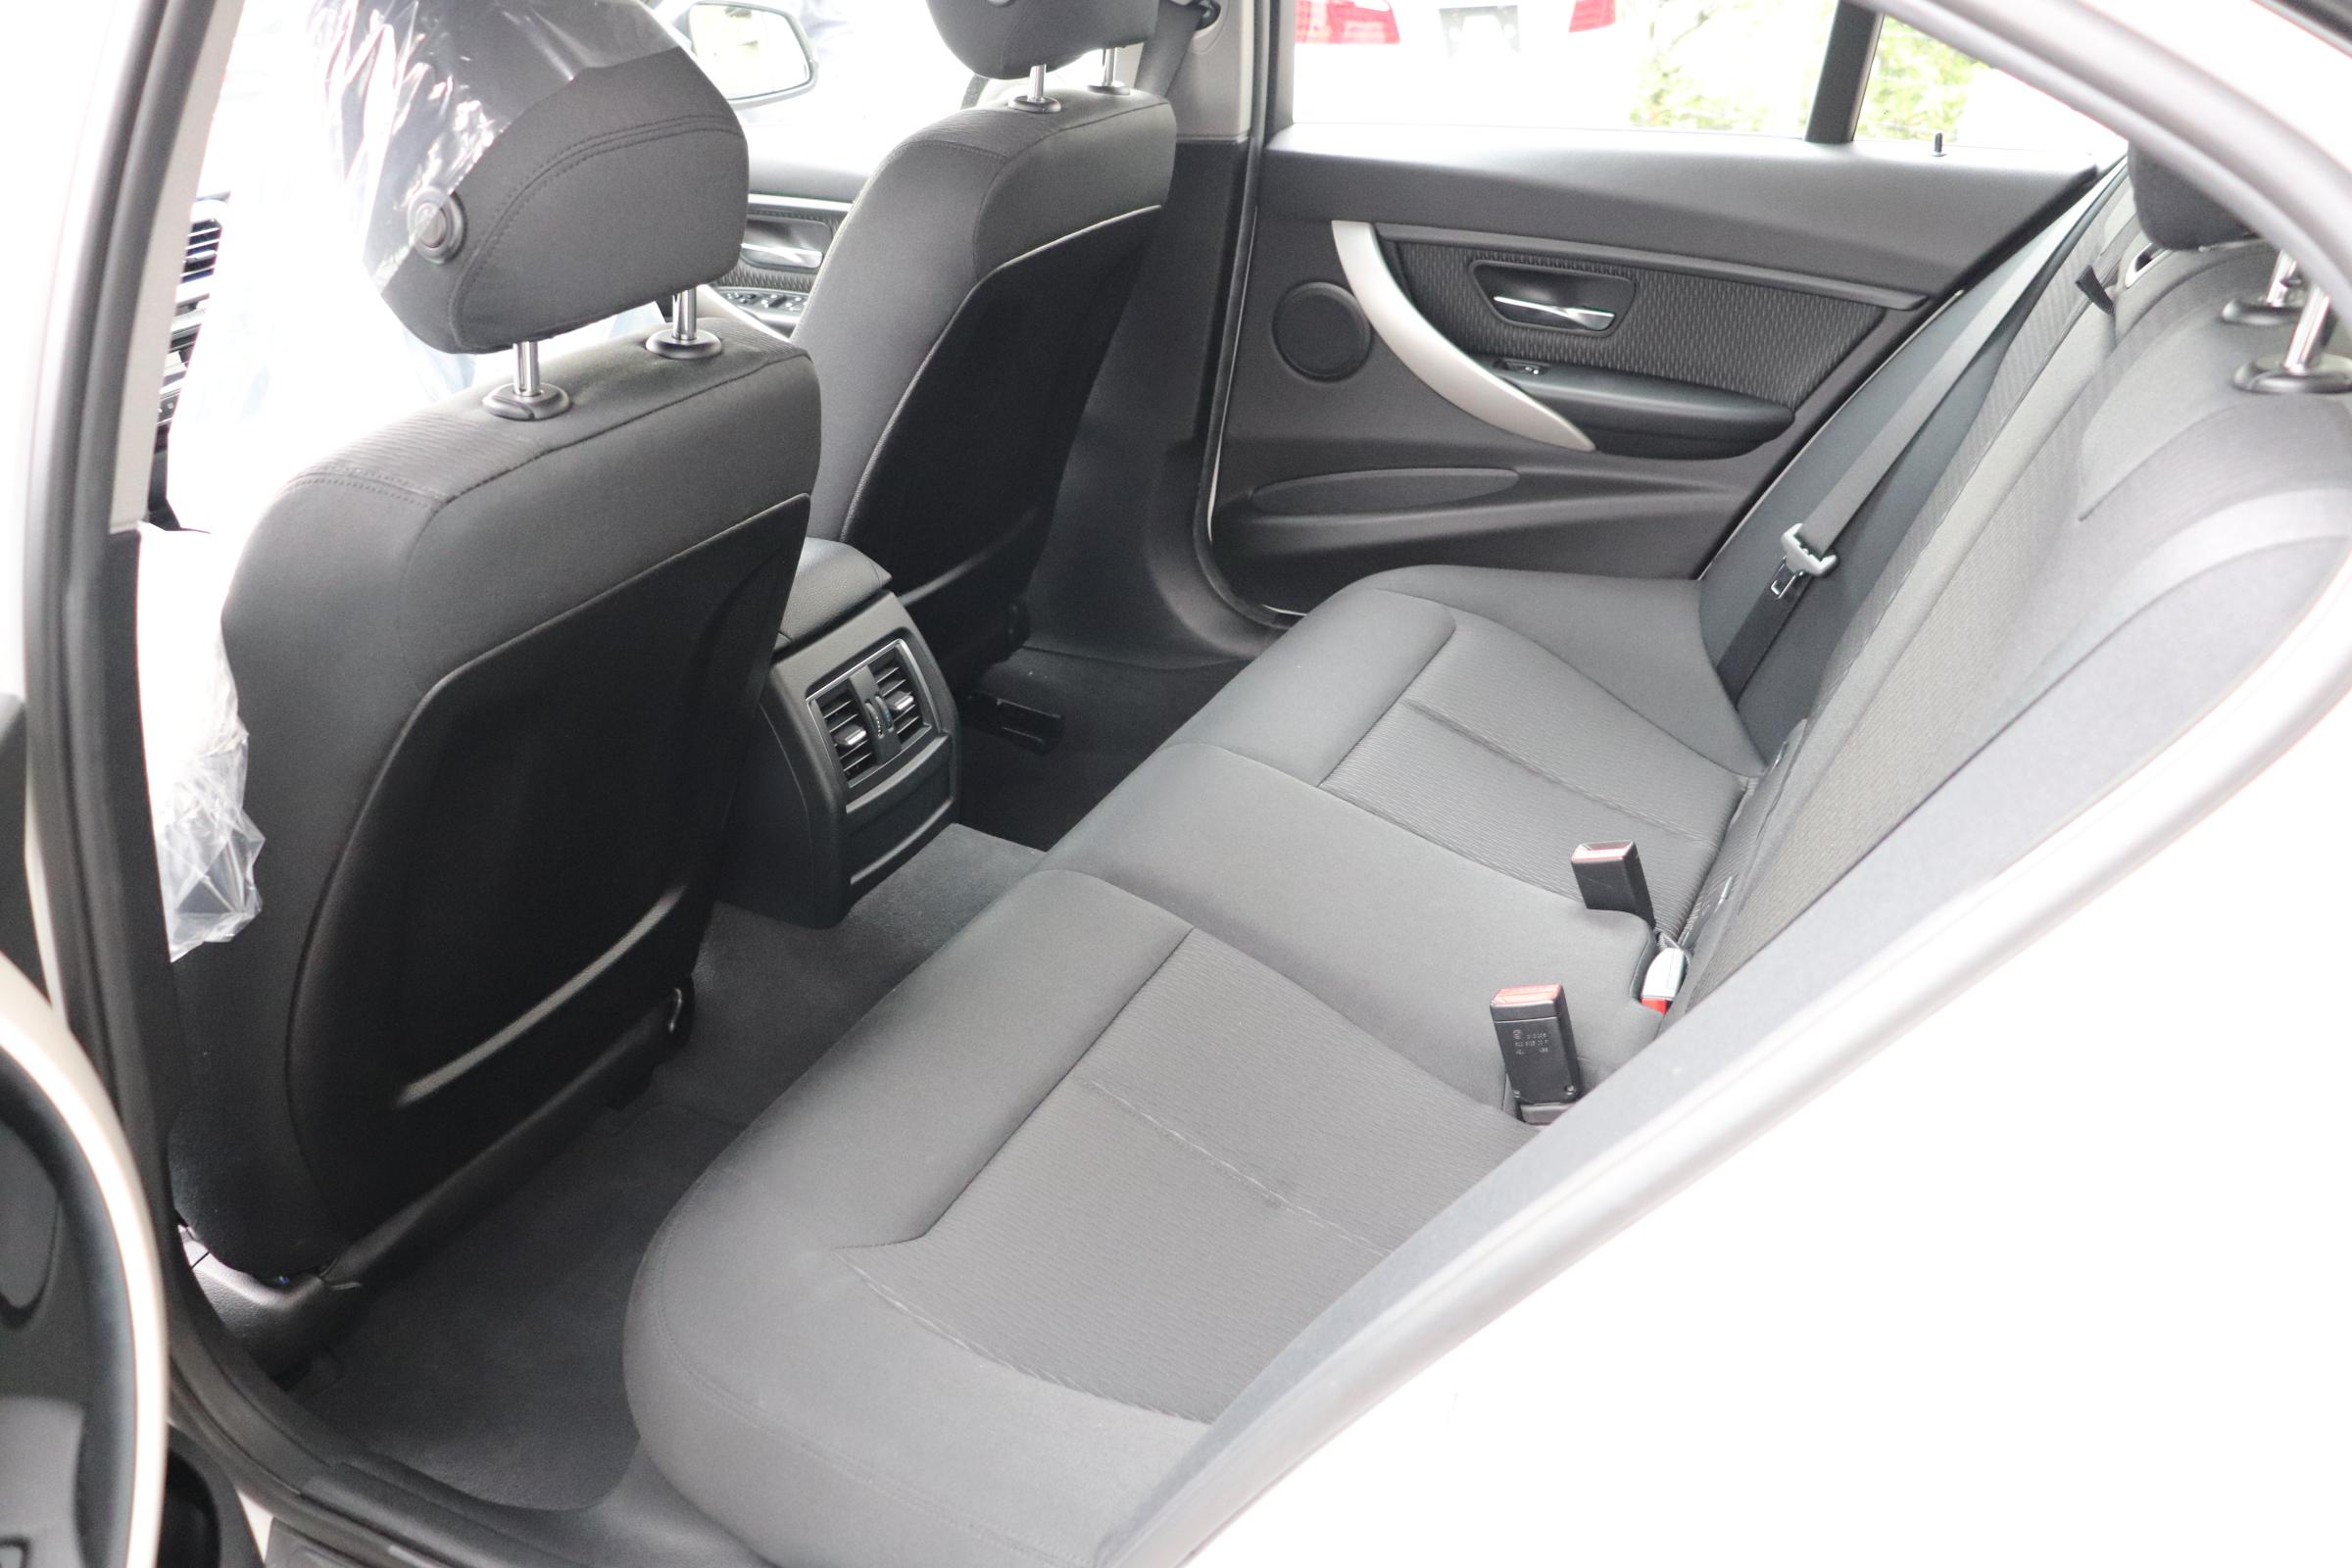 320i LCI BEAMコンプリートカー LEDヘッドライト インテリジェントセーフティー 車両画像14